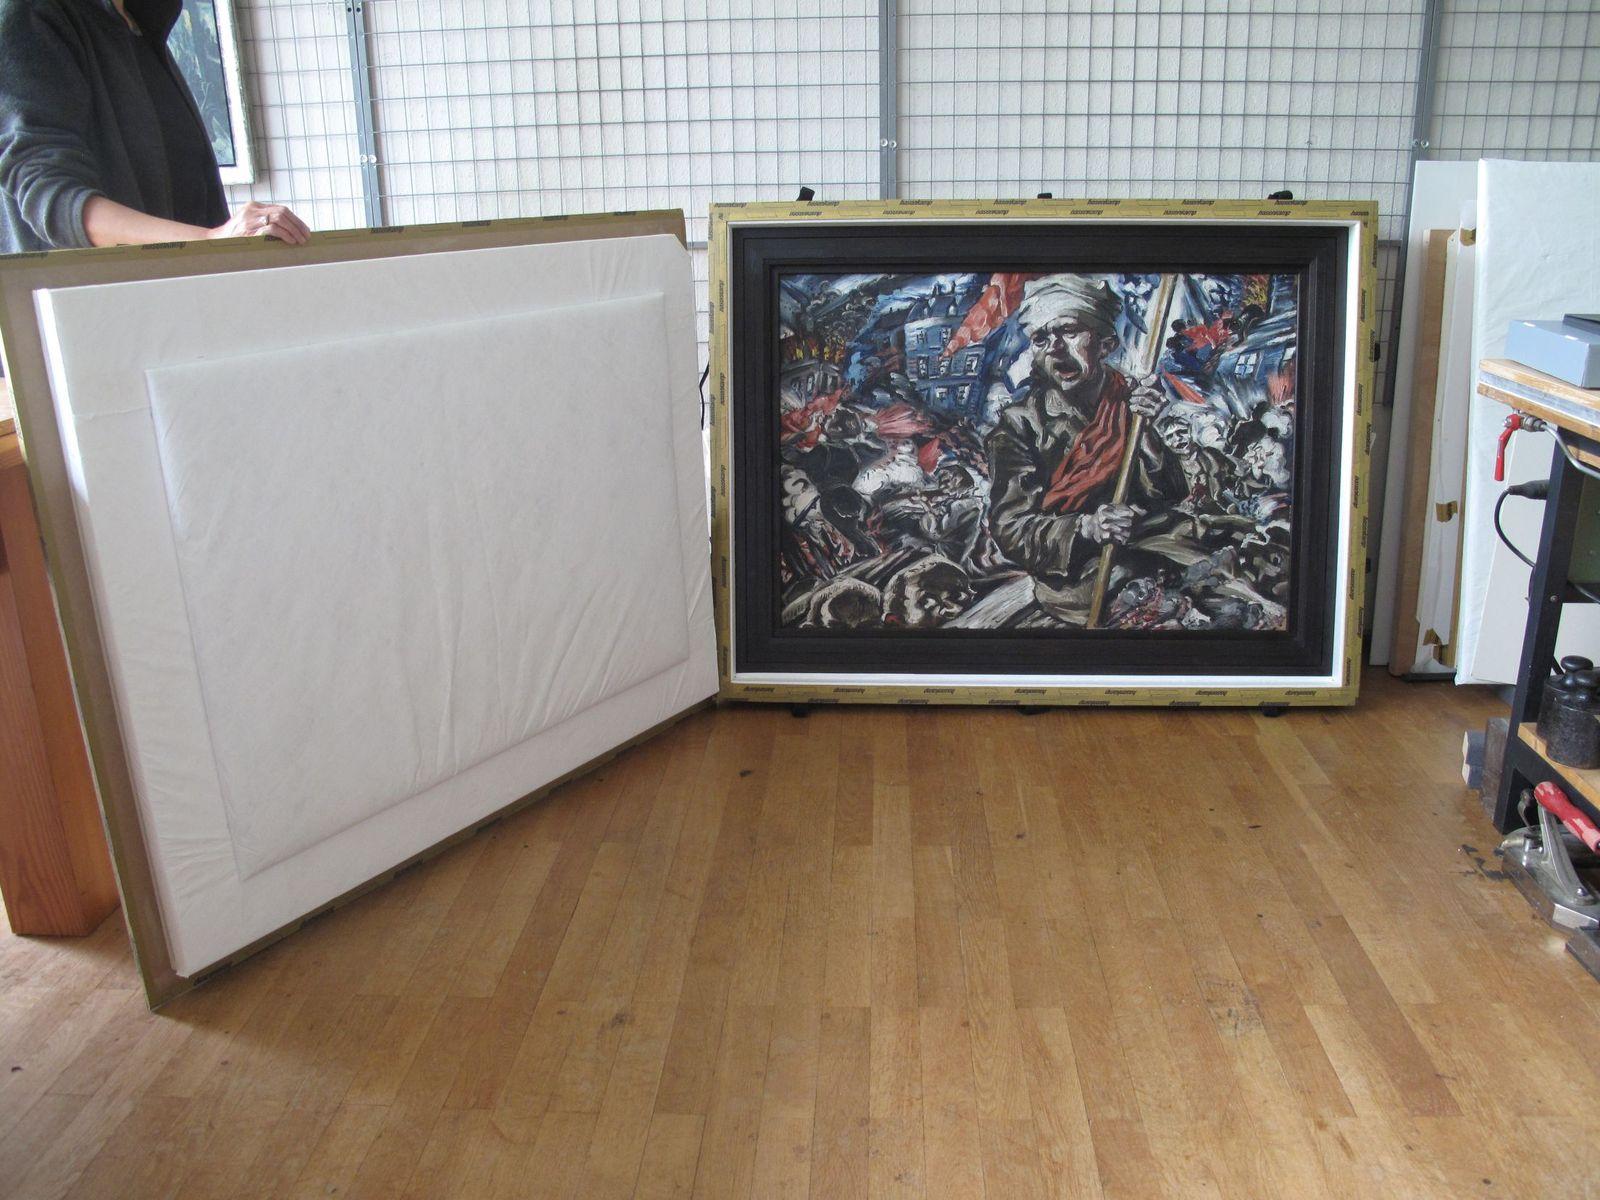 Die Sandwich-Verpackung für das Gemälde von Ludwig Meidner. Foto: schmedding.vonmarlin.